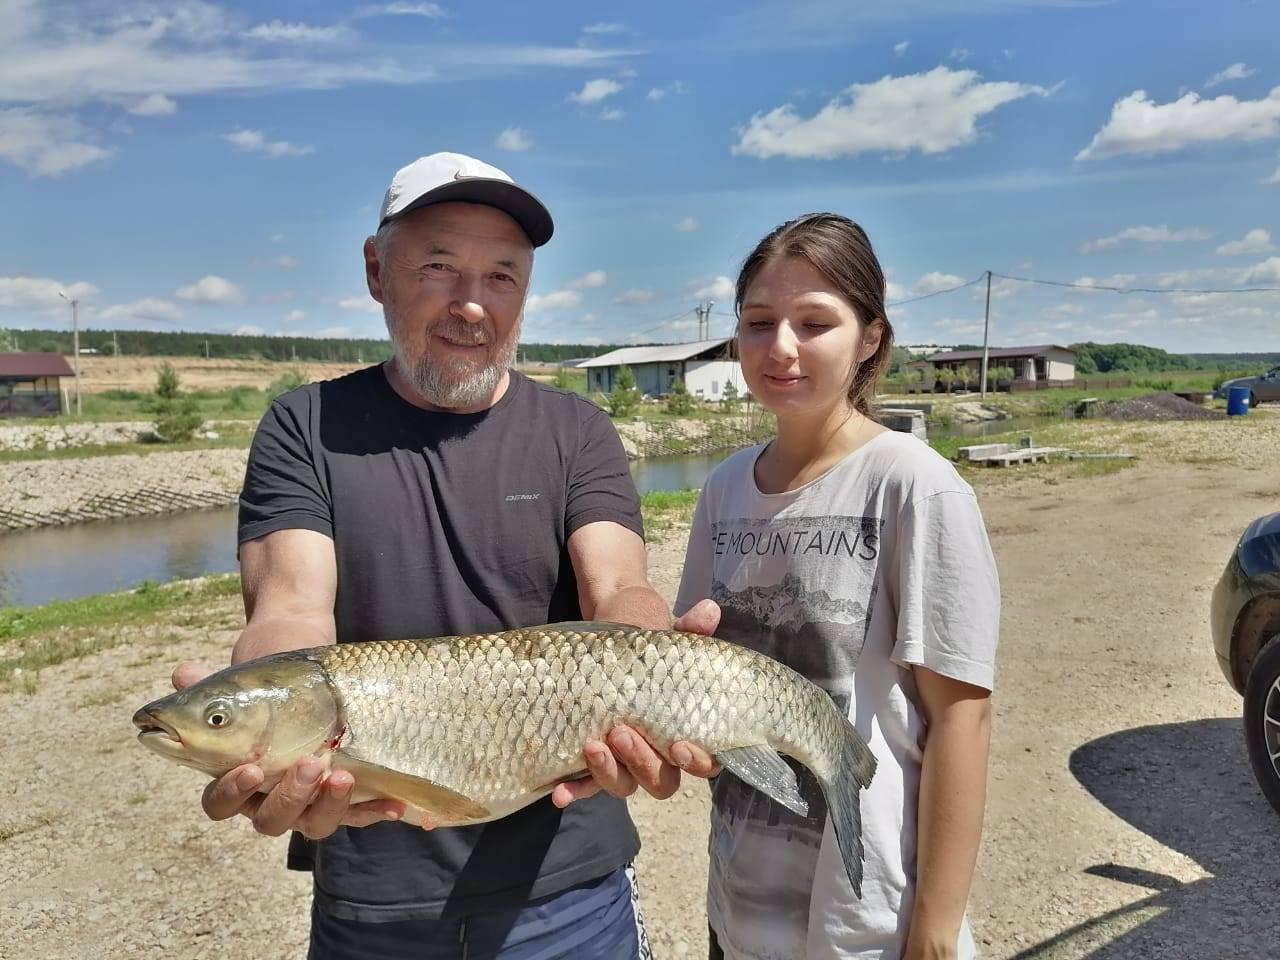 Рыбалка в костромской области. отчеты рыбаков на форуме